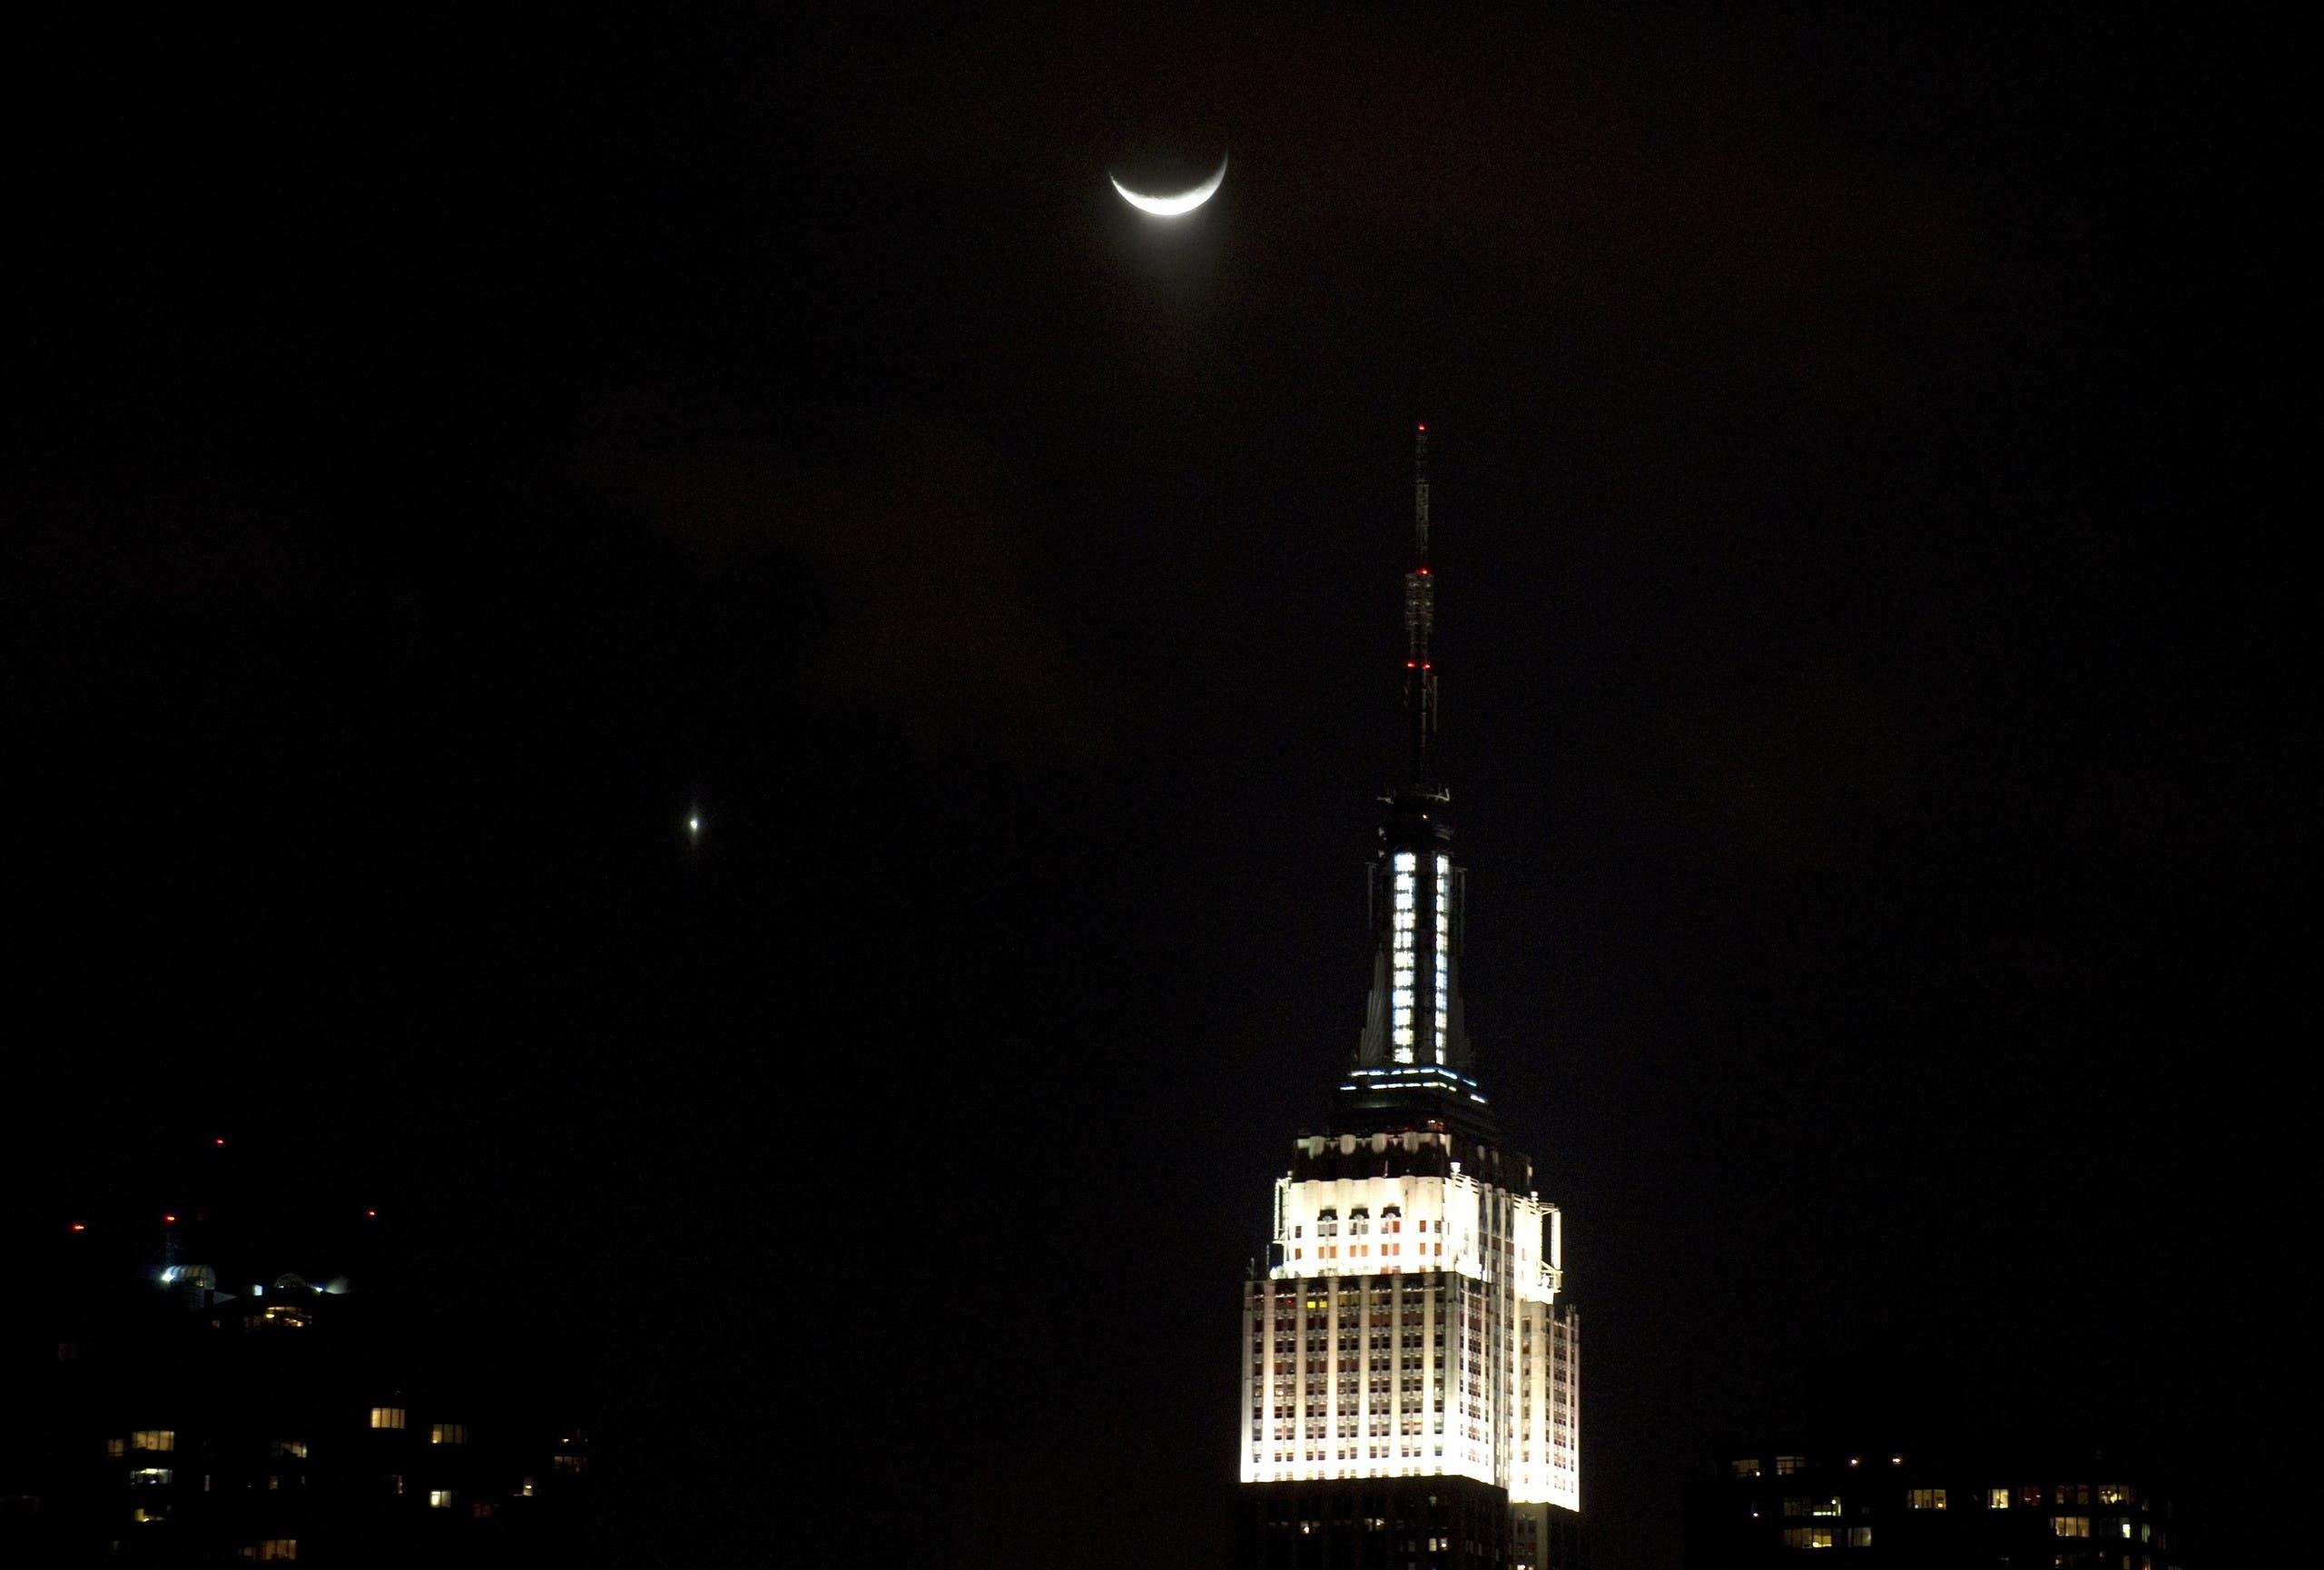 الزهرة والقمر في سماء نيويورك في فبراير 2012 (أرشيفية)